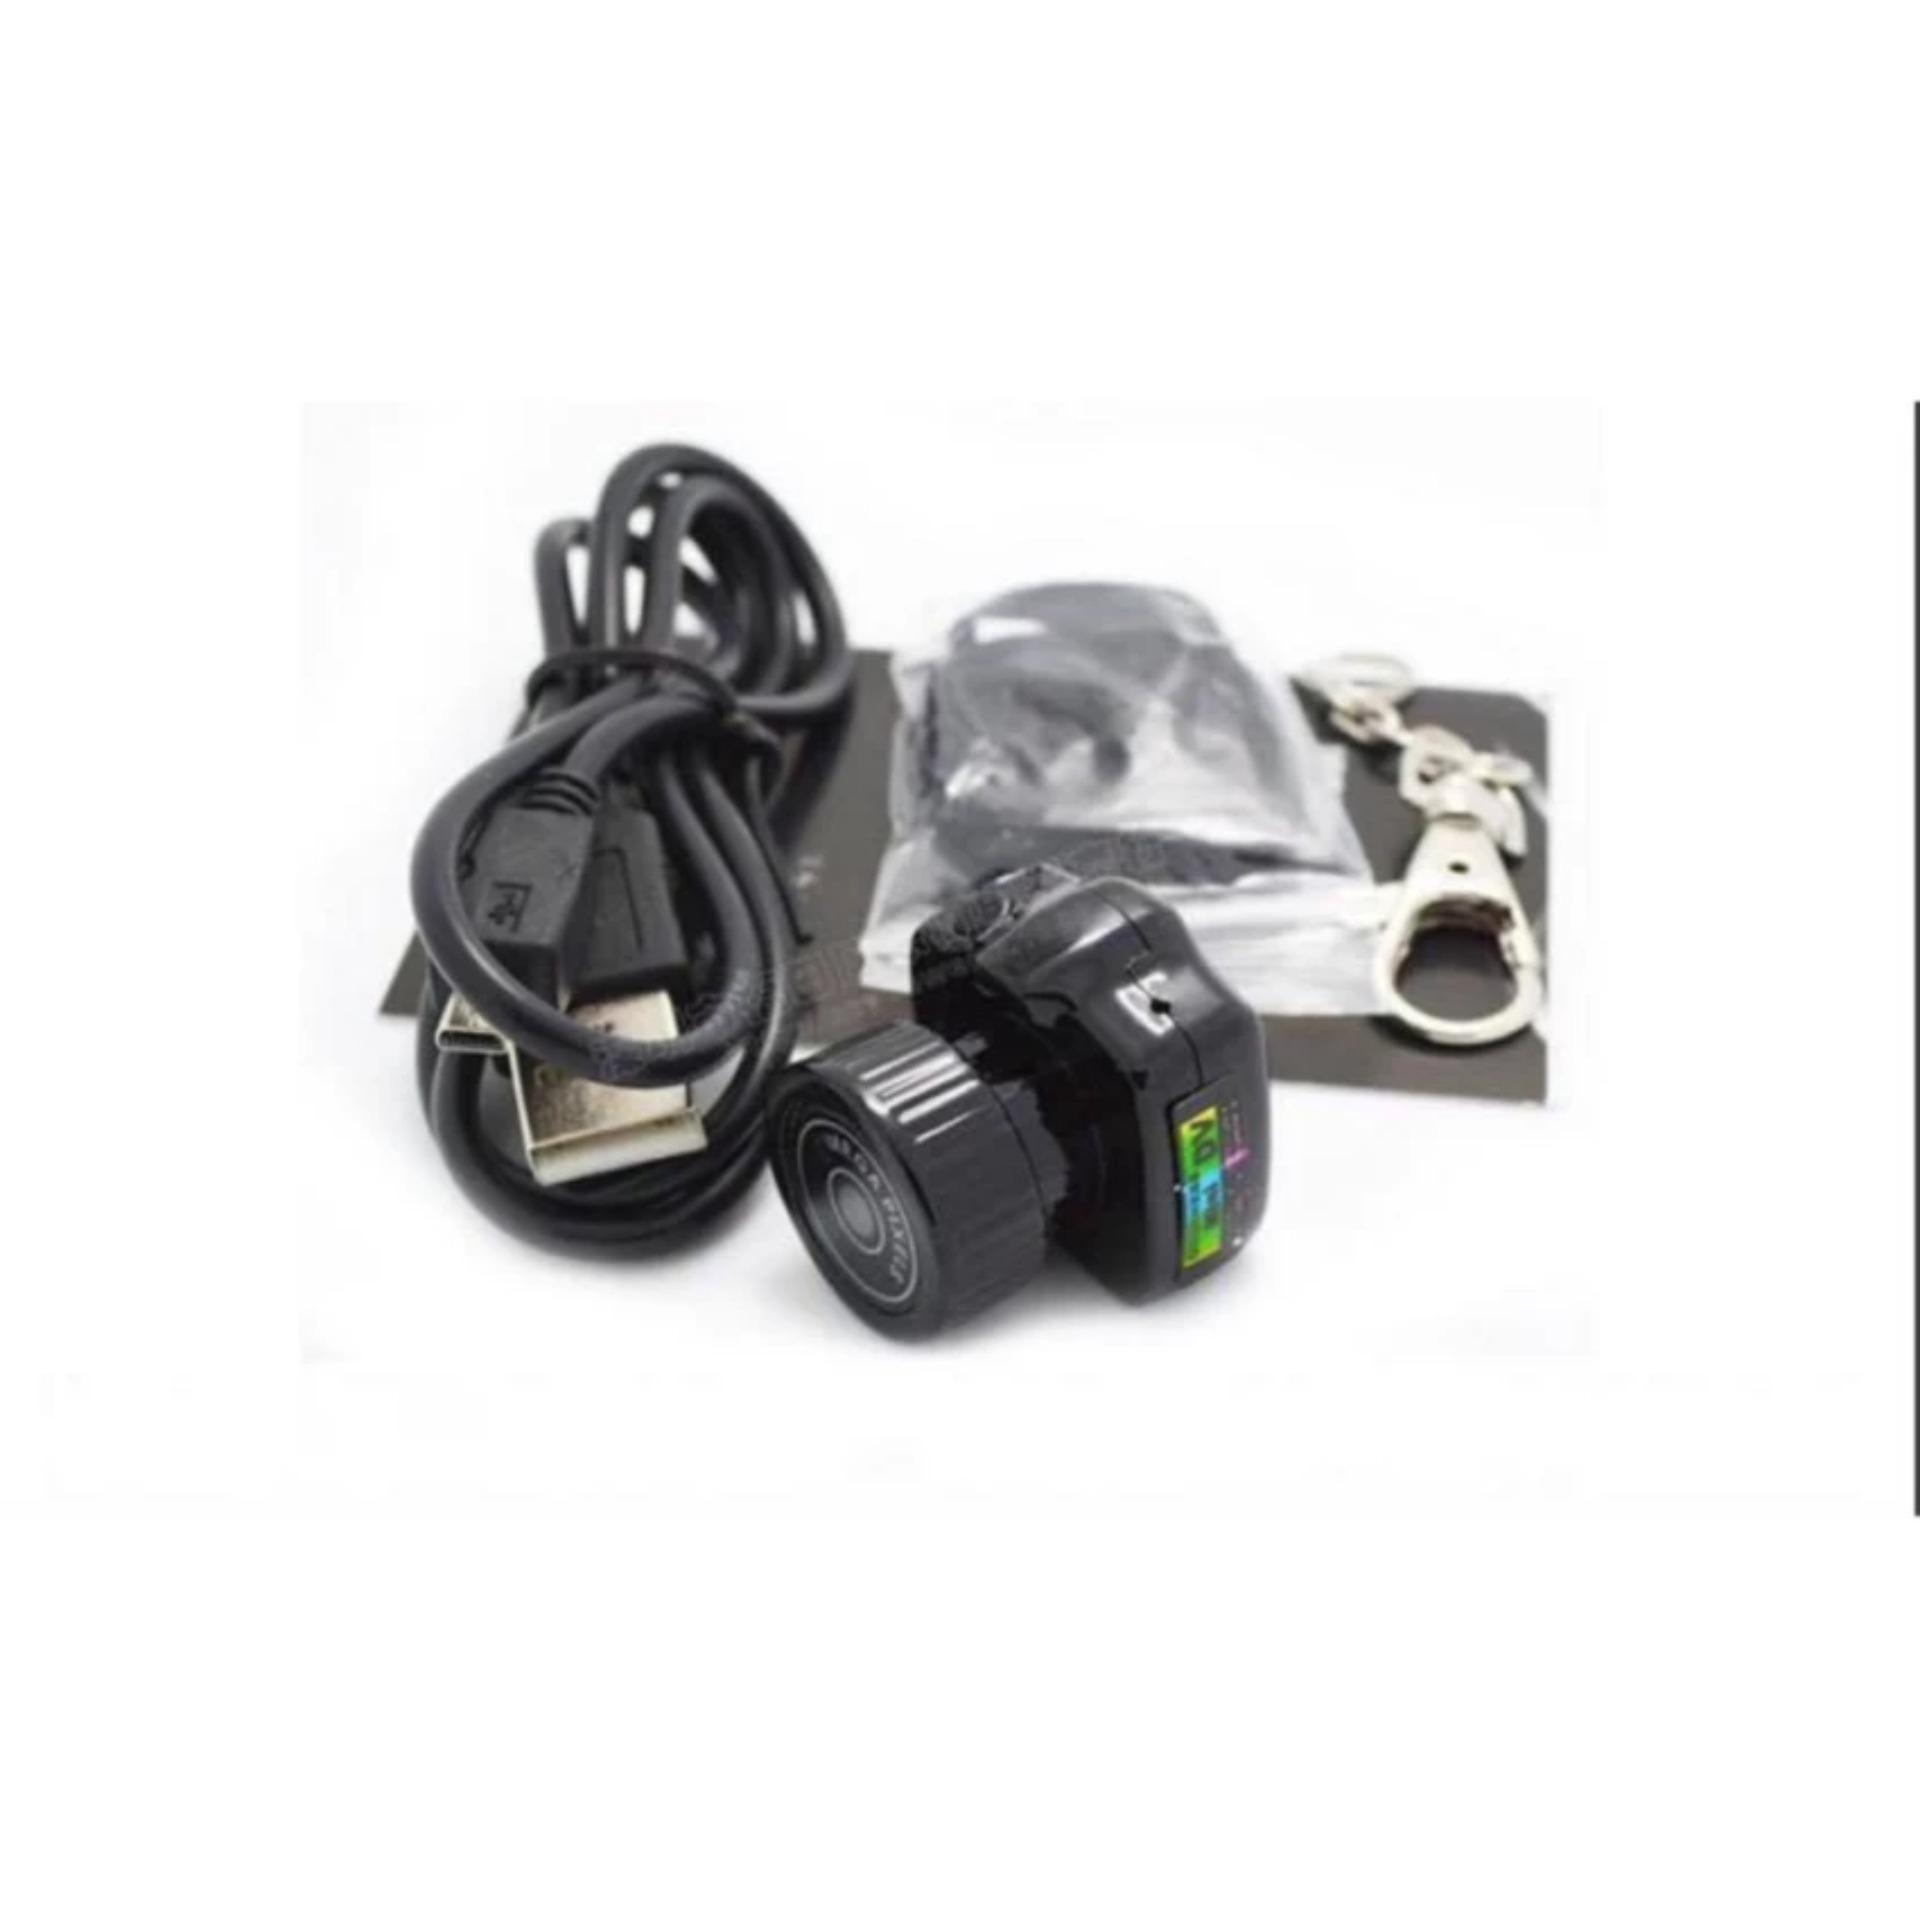 Giảm giá Camera Mini Y2000 siêu nhỏ quay phim chụp ảnh chất lượng cao